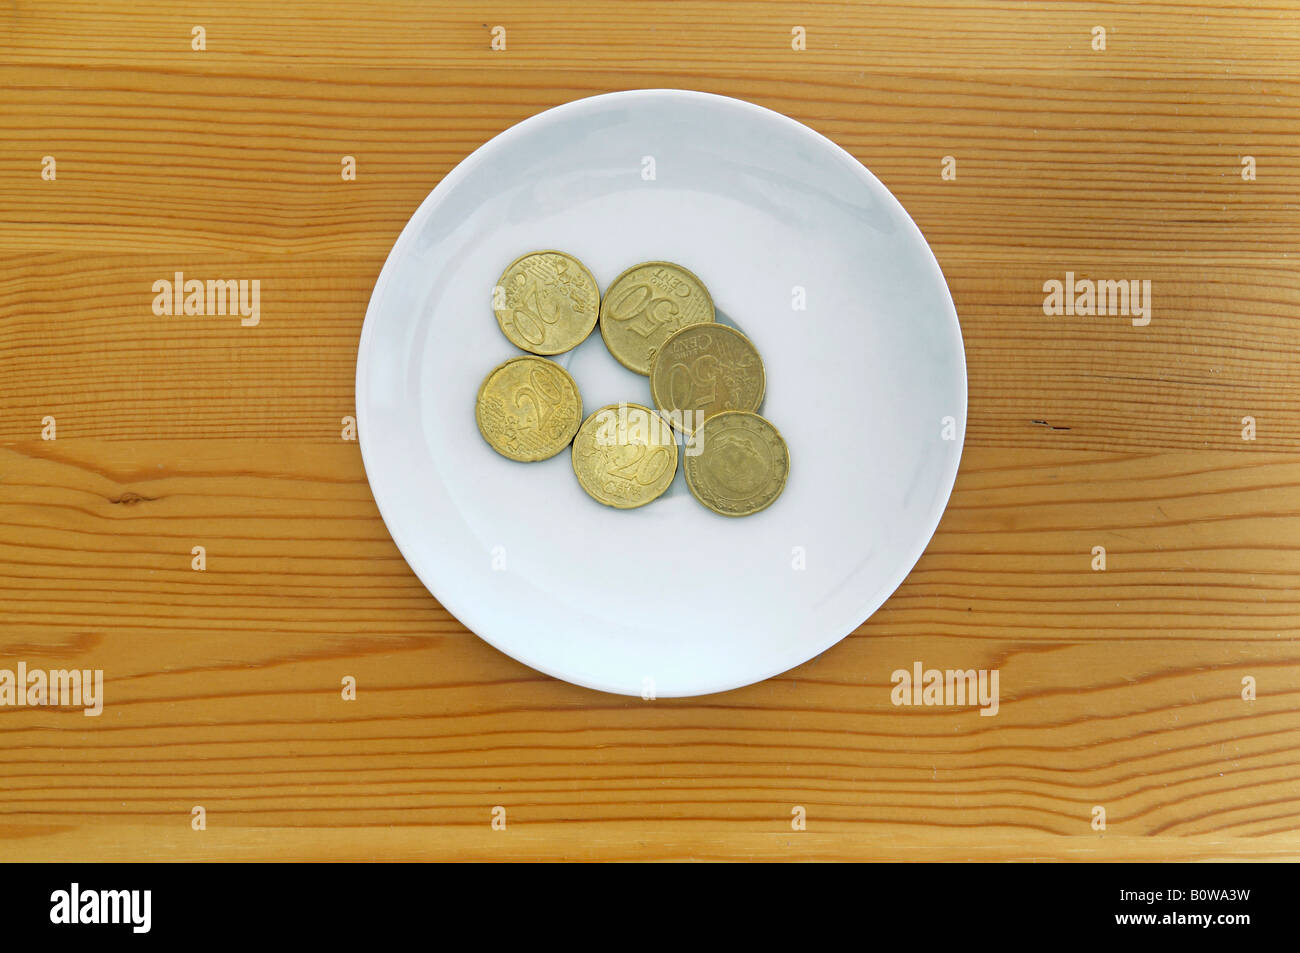 Les pièces en euros sur une assiette blanche sur une table en bois, le paiement pour l'utilisation de toilettes Banque D'Images